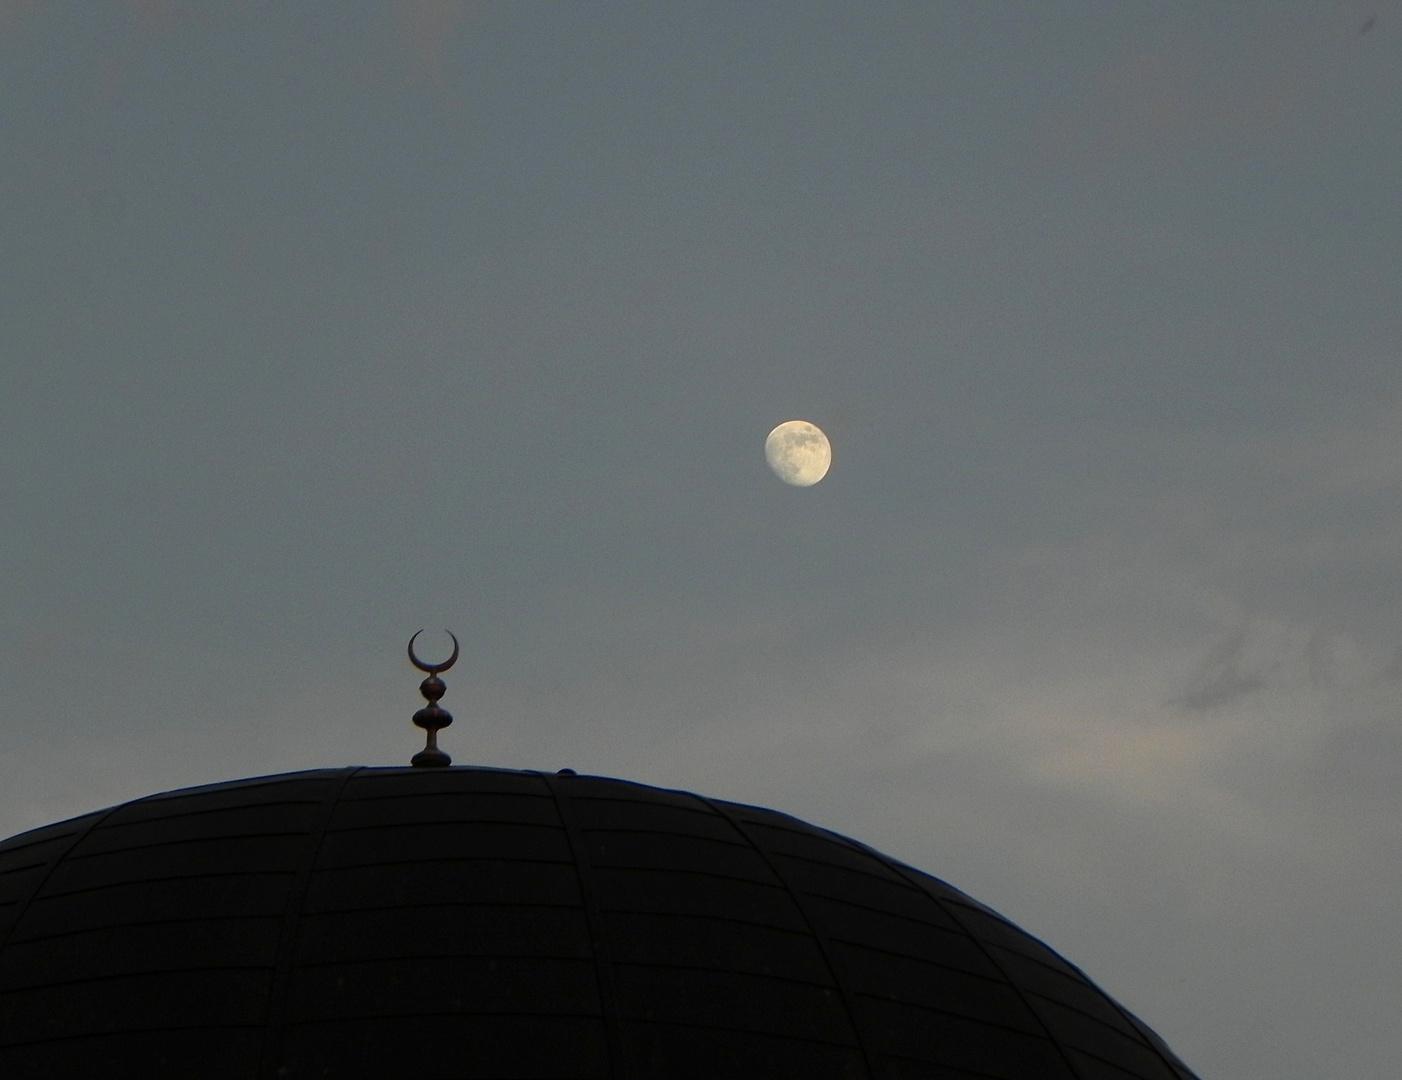 Moscheekuppel und Mond